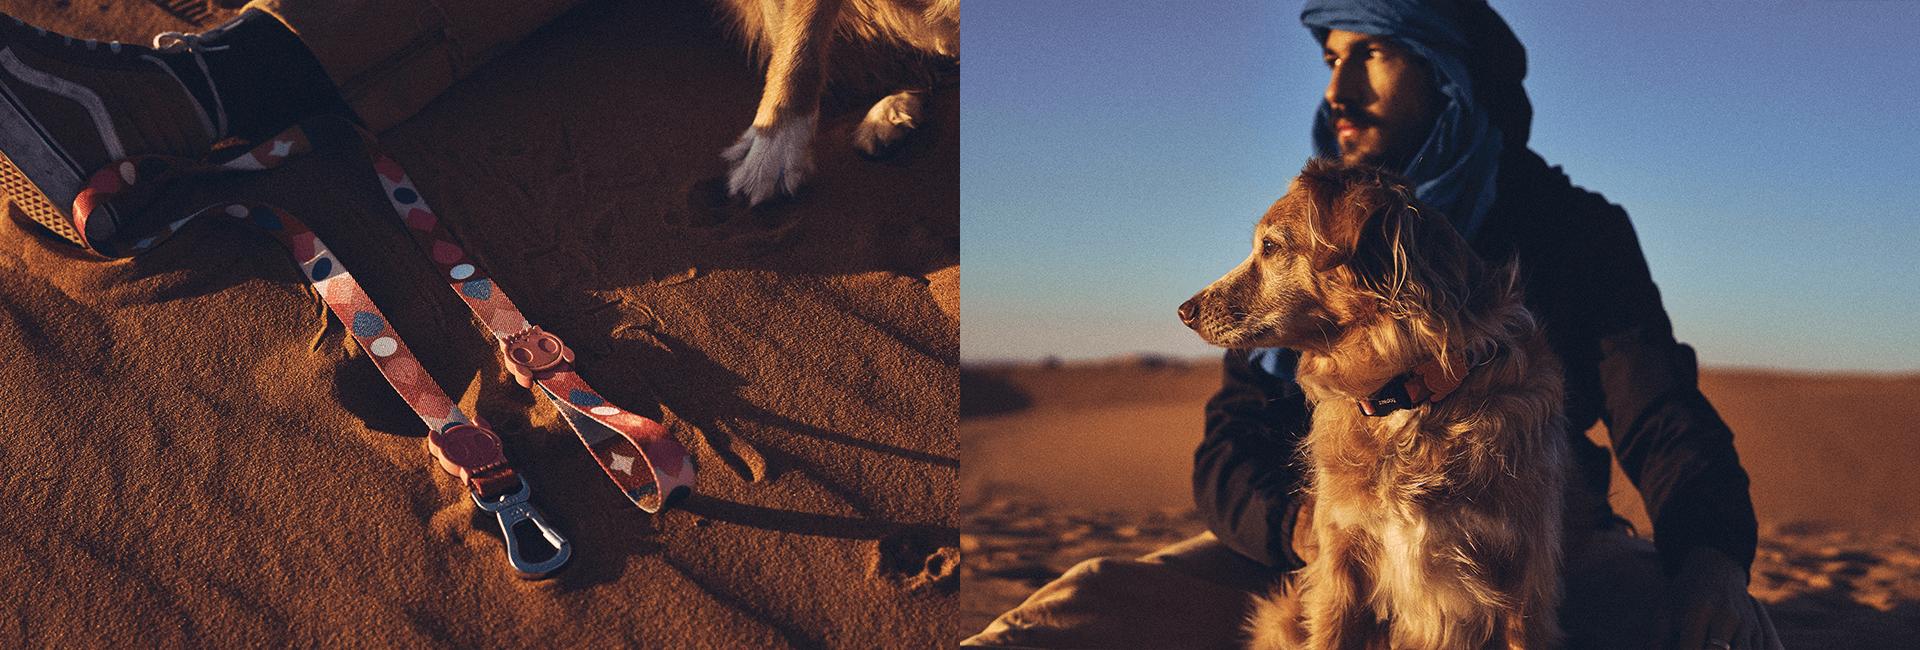 marrakesh same zeedog leash cachorro pet dk carrossel 2 1 1